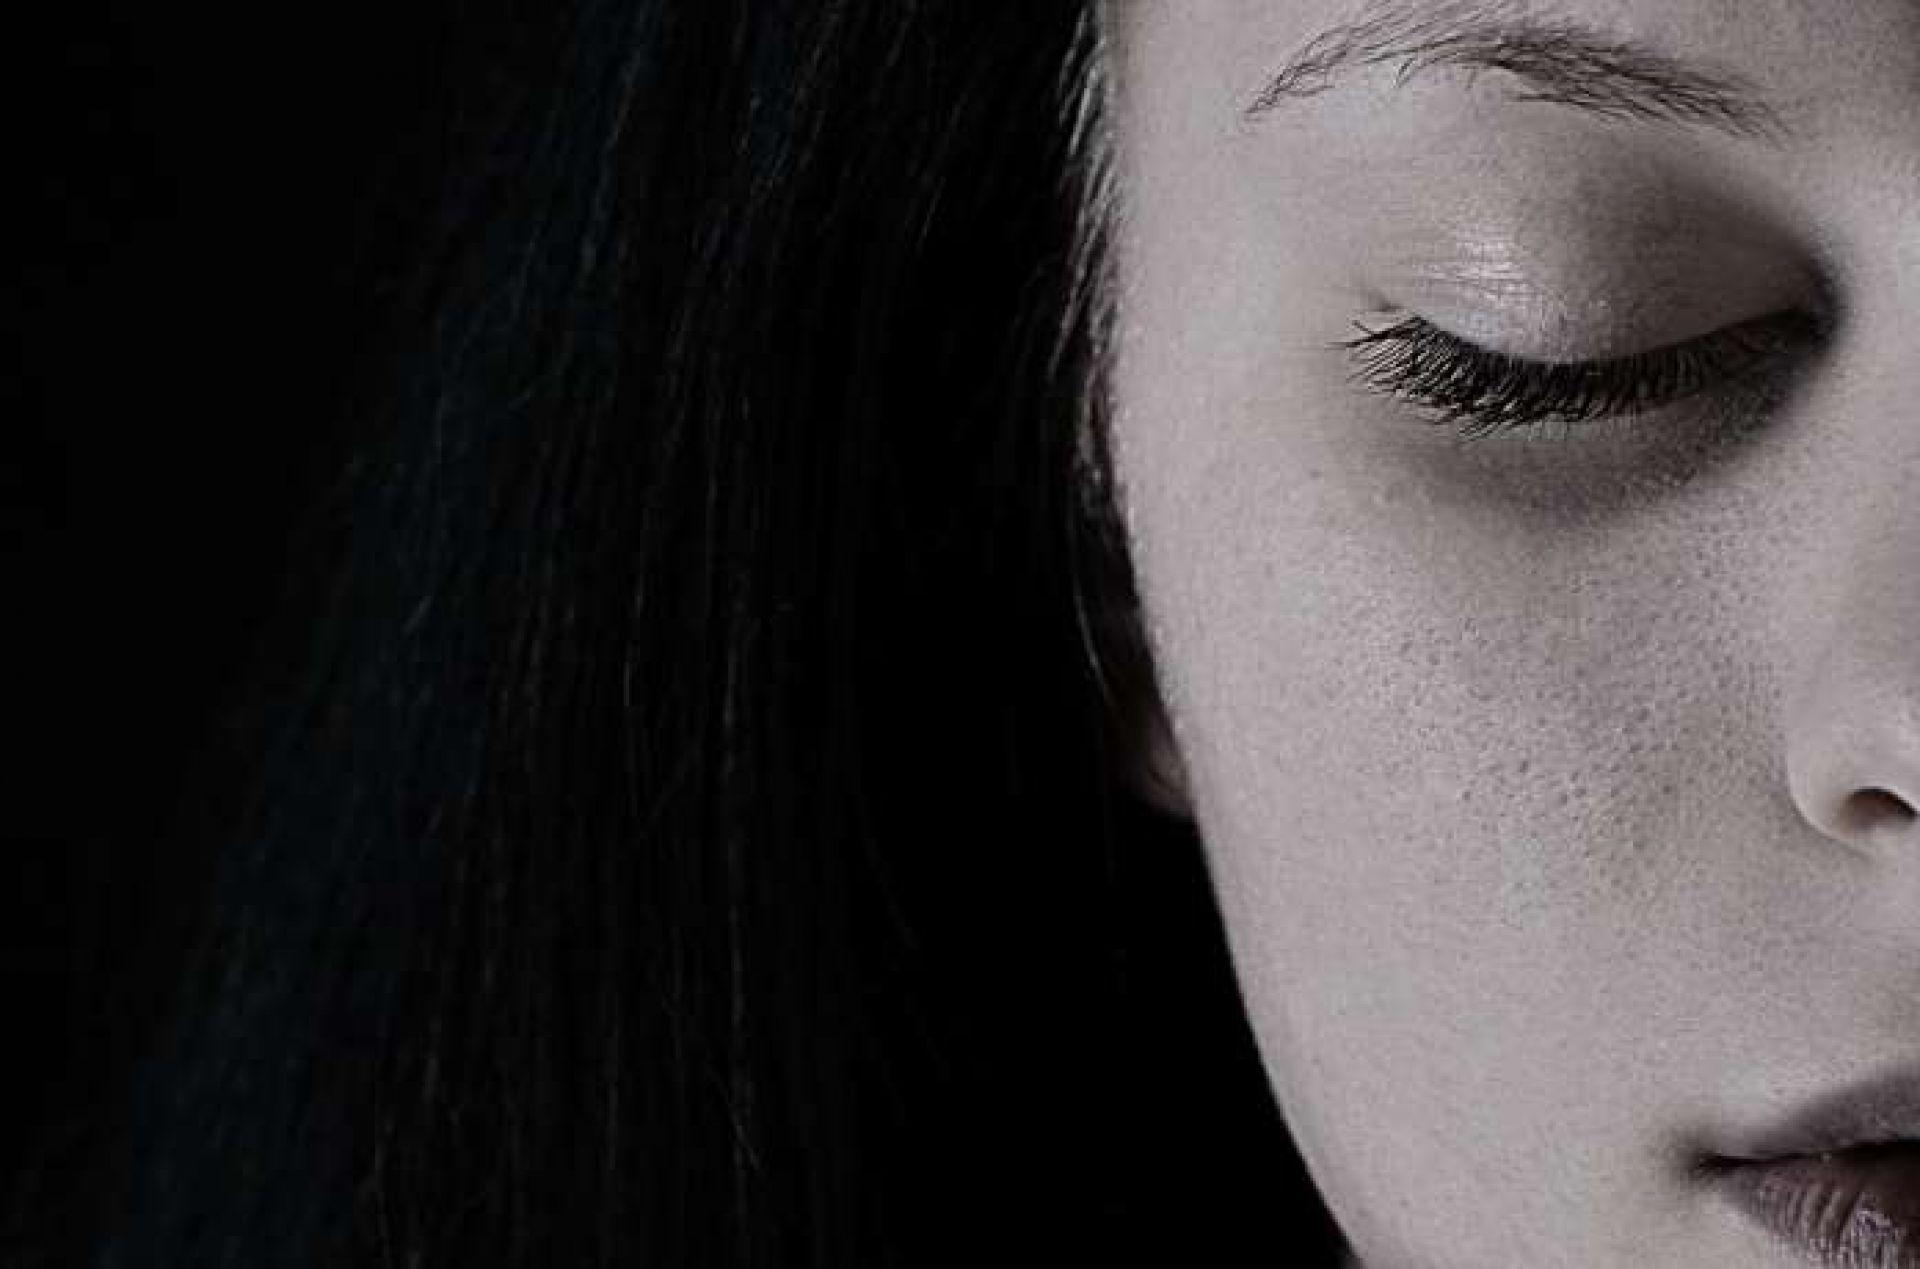 Ύποπτα συμπτώματα που δείχνουν κατάθλιψη